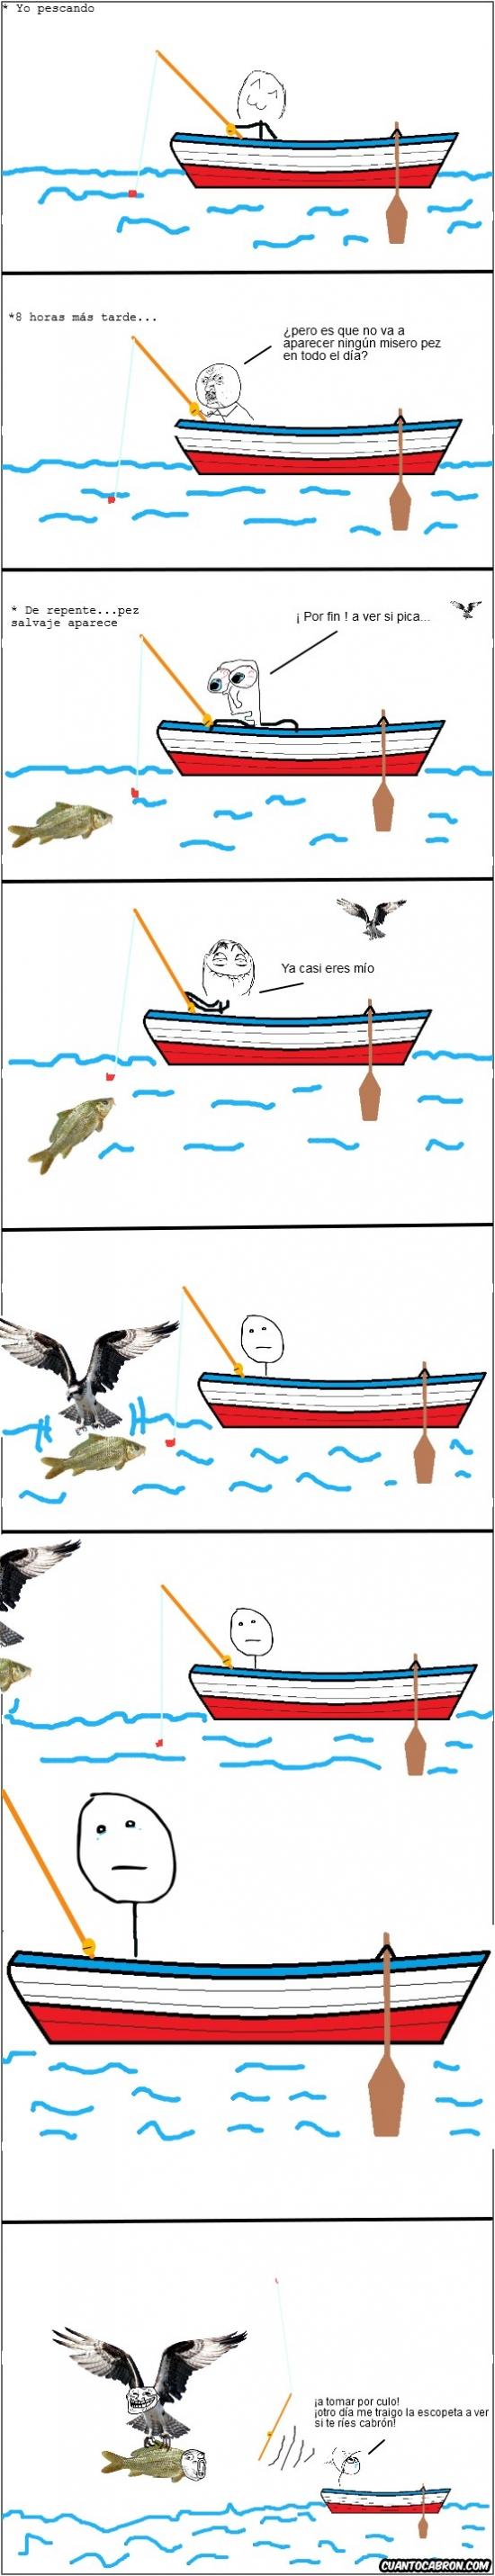 Trollface - La pesca requiere paciencia, y a poder ser una escopeta, aquí sabrás por qué